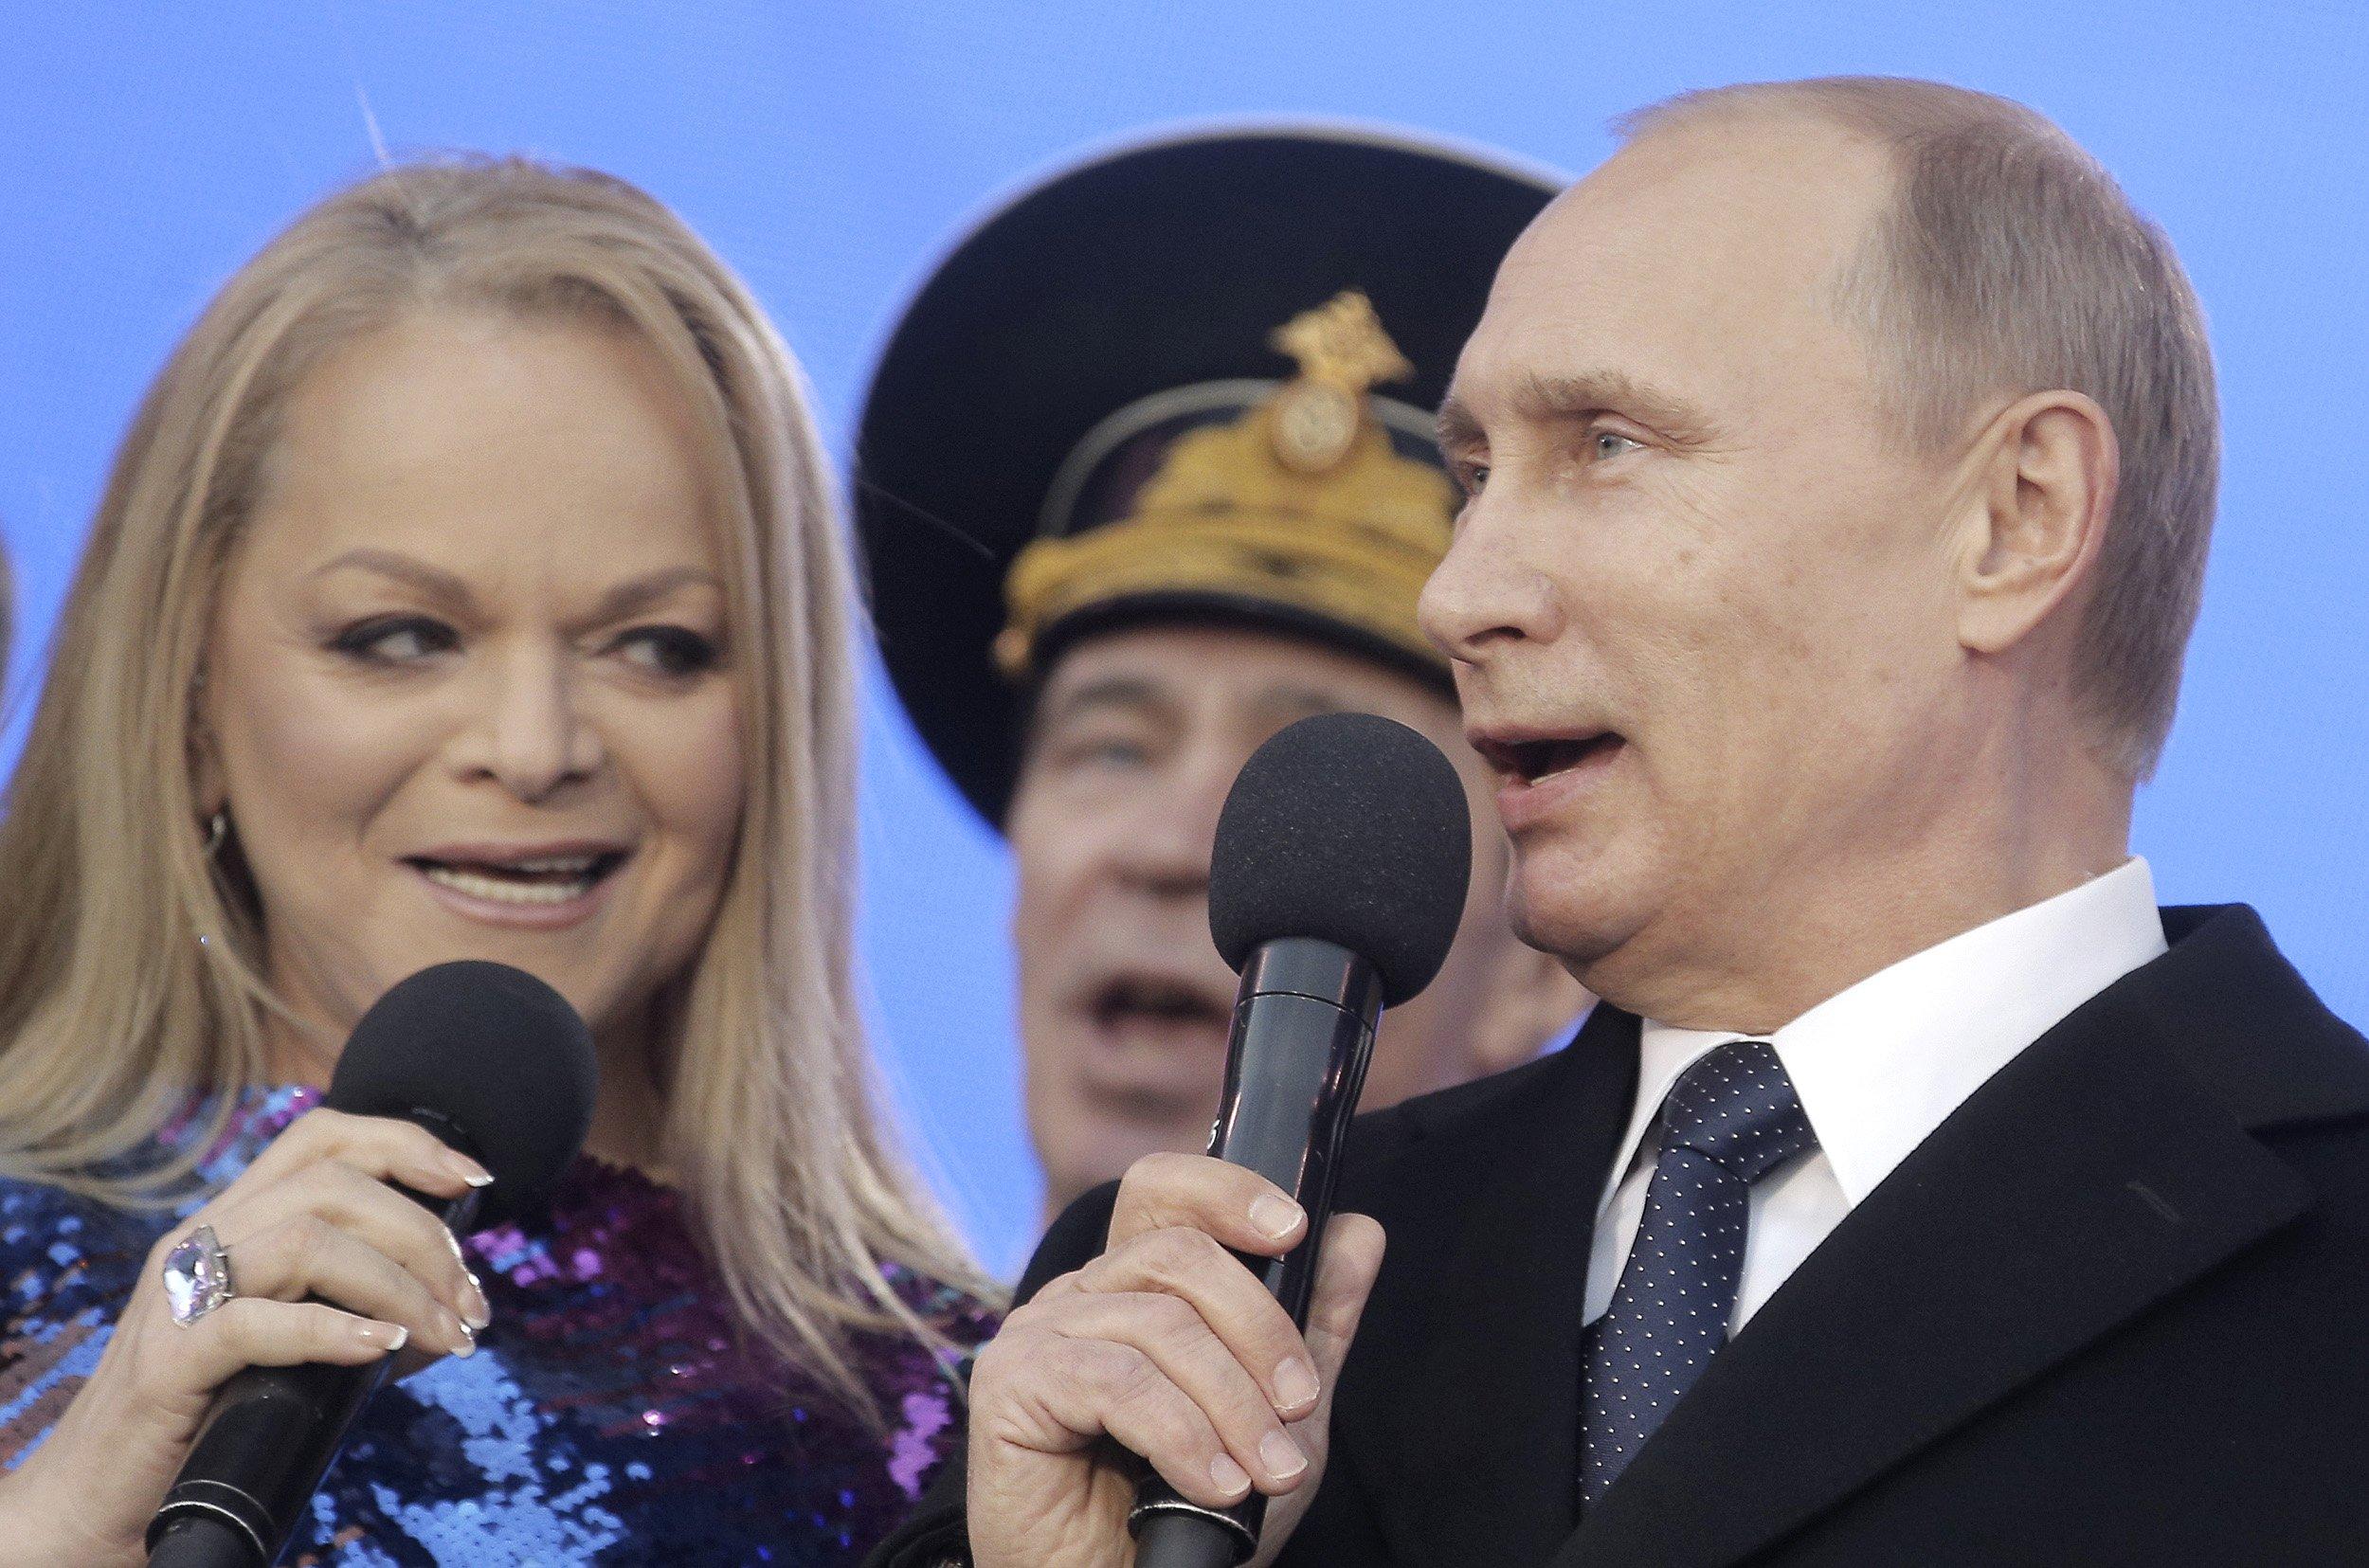 Putin sings anthem